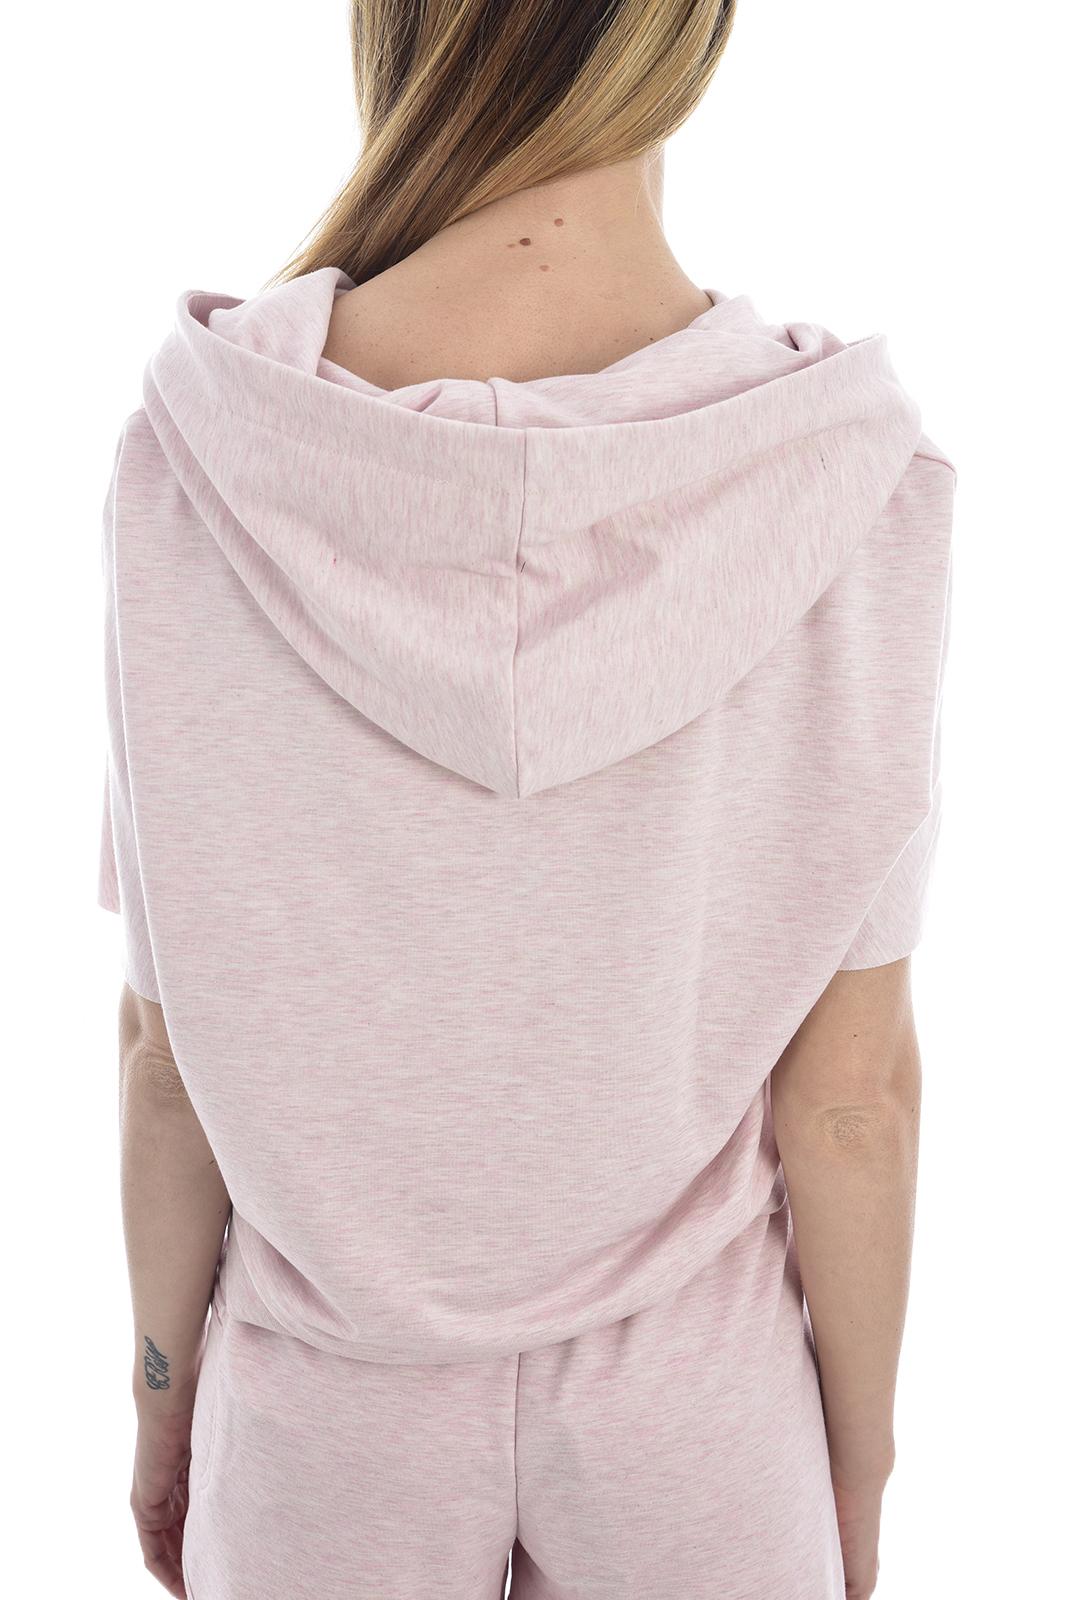 Tee shirt  Guess jeans O02Q04 FL03G H627